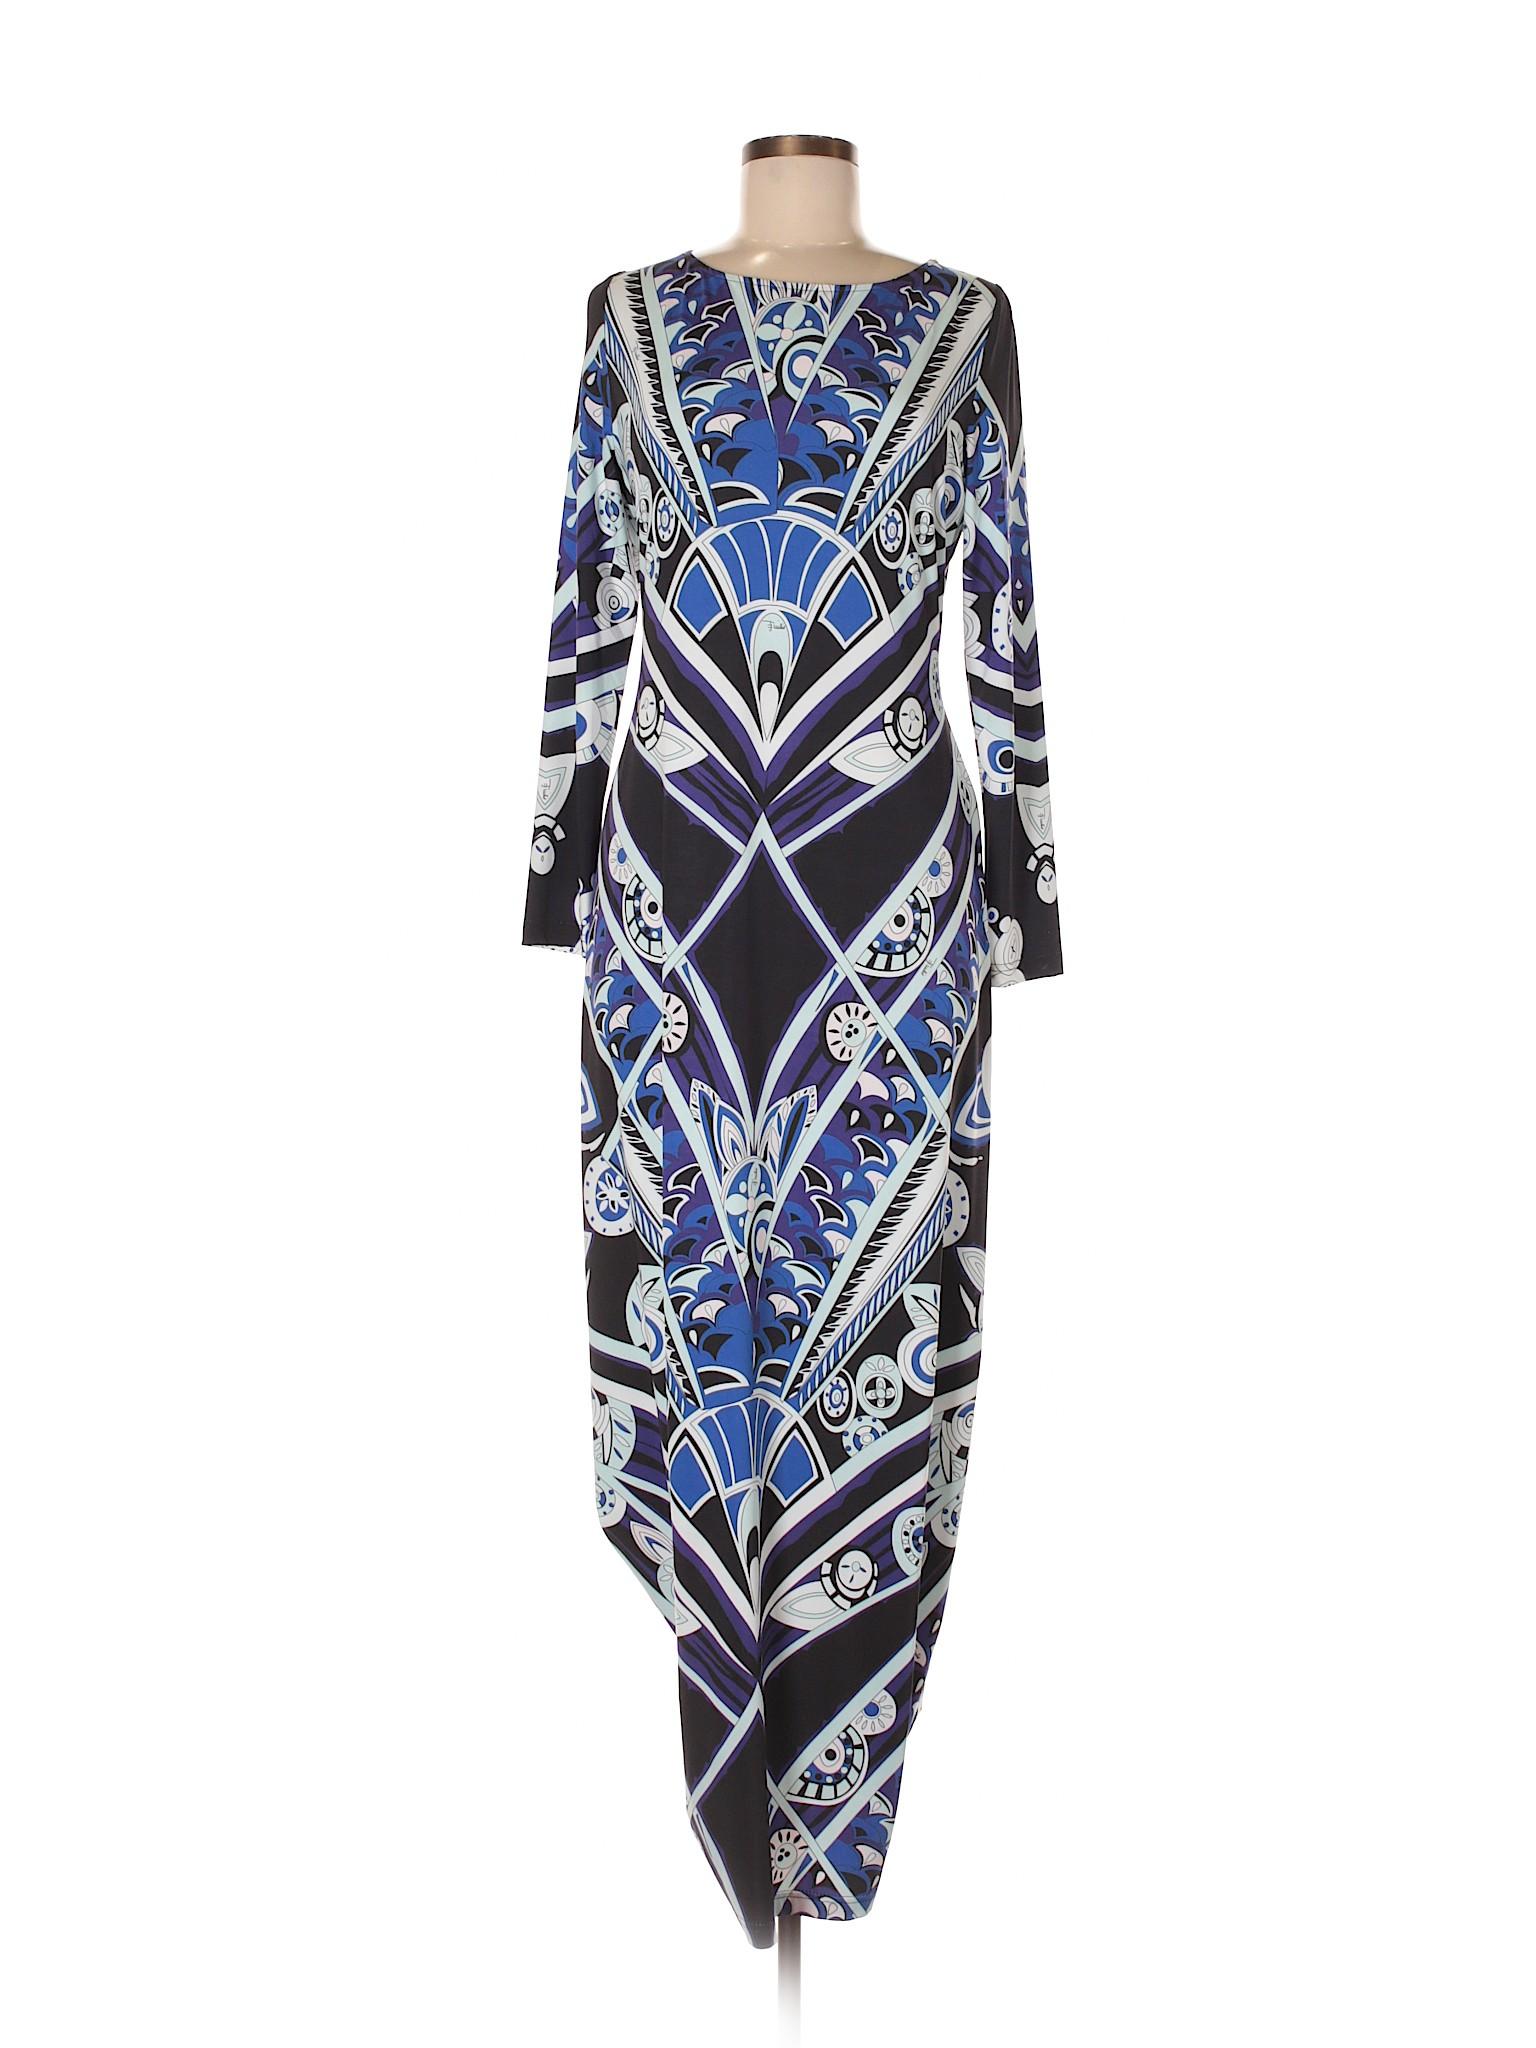 Pucci winter Dress Emilio Boutique Casual xHnqv68wHZ